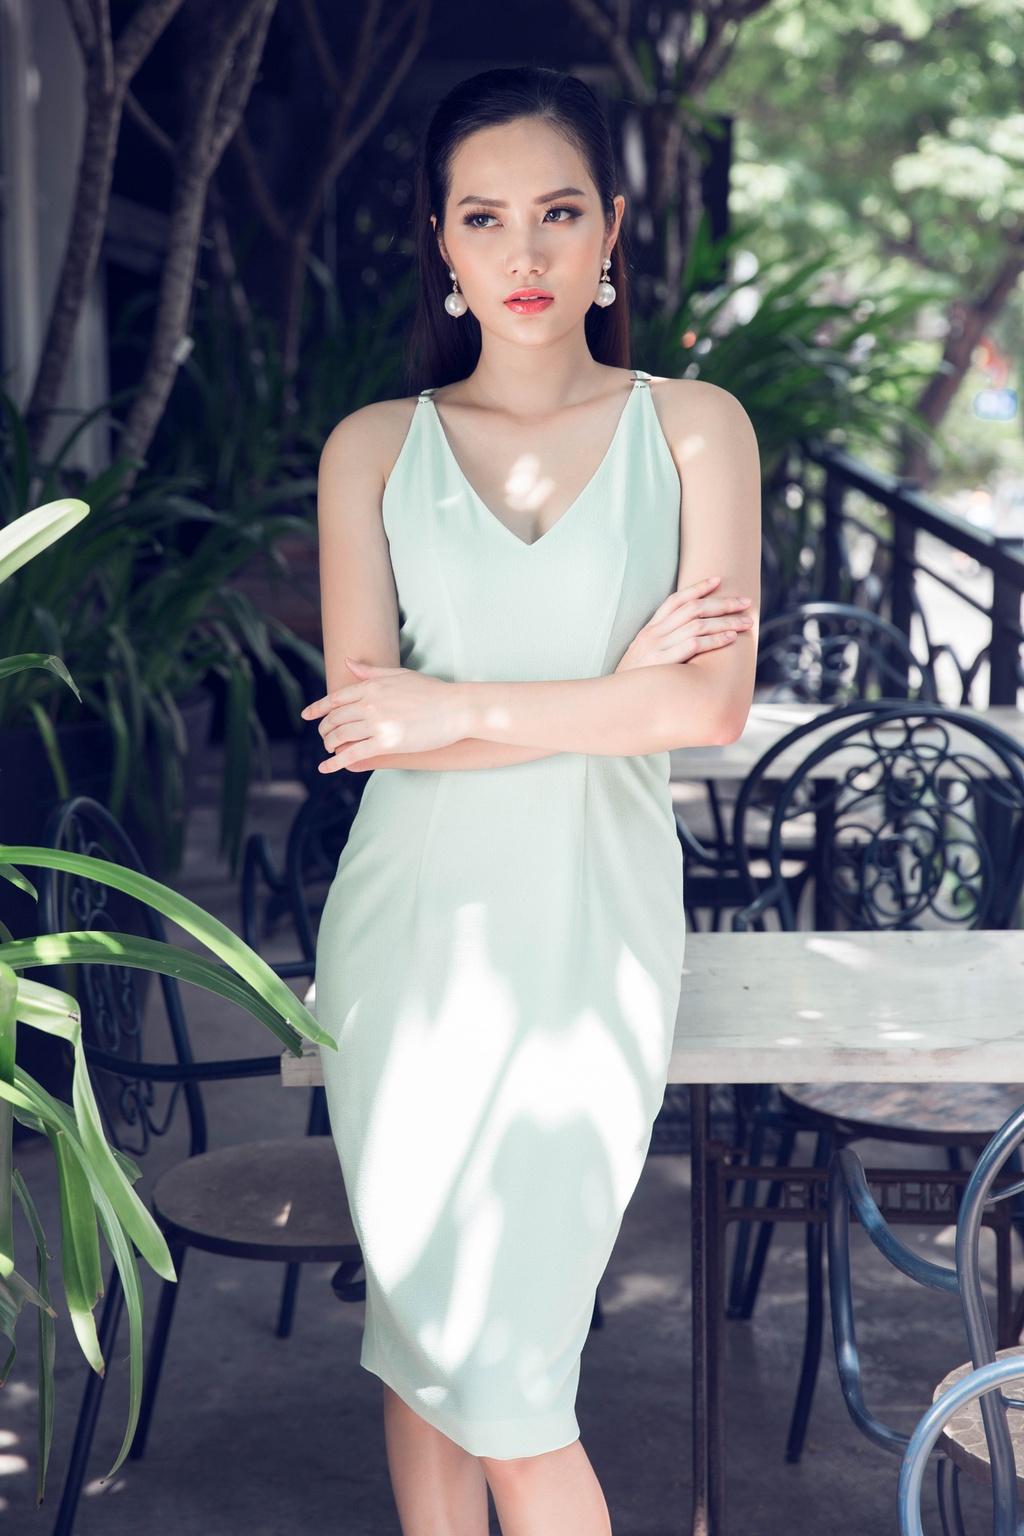 Hoa hau Dong Nam A goi y 10 bo canh dien cuoi tuan hinh anh 2